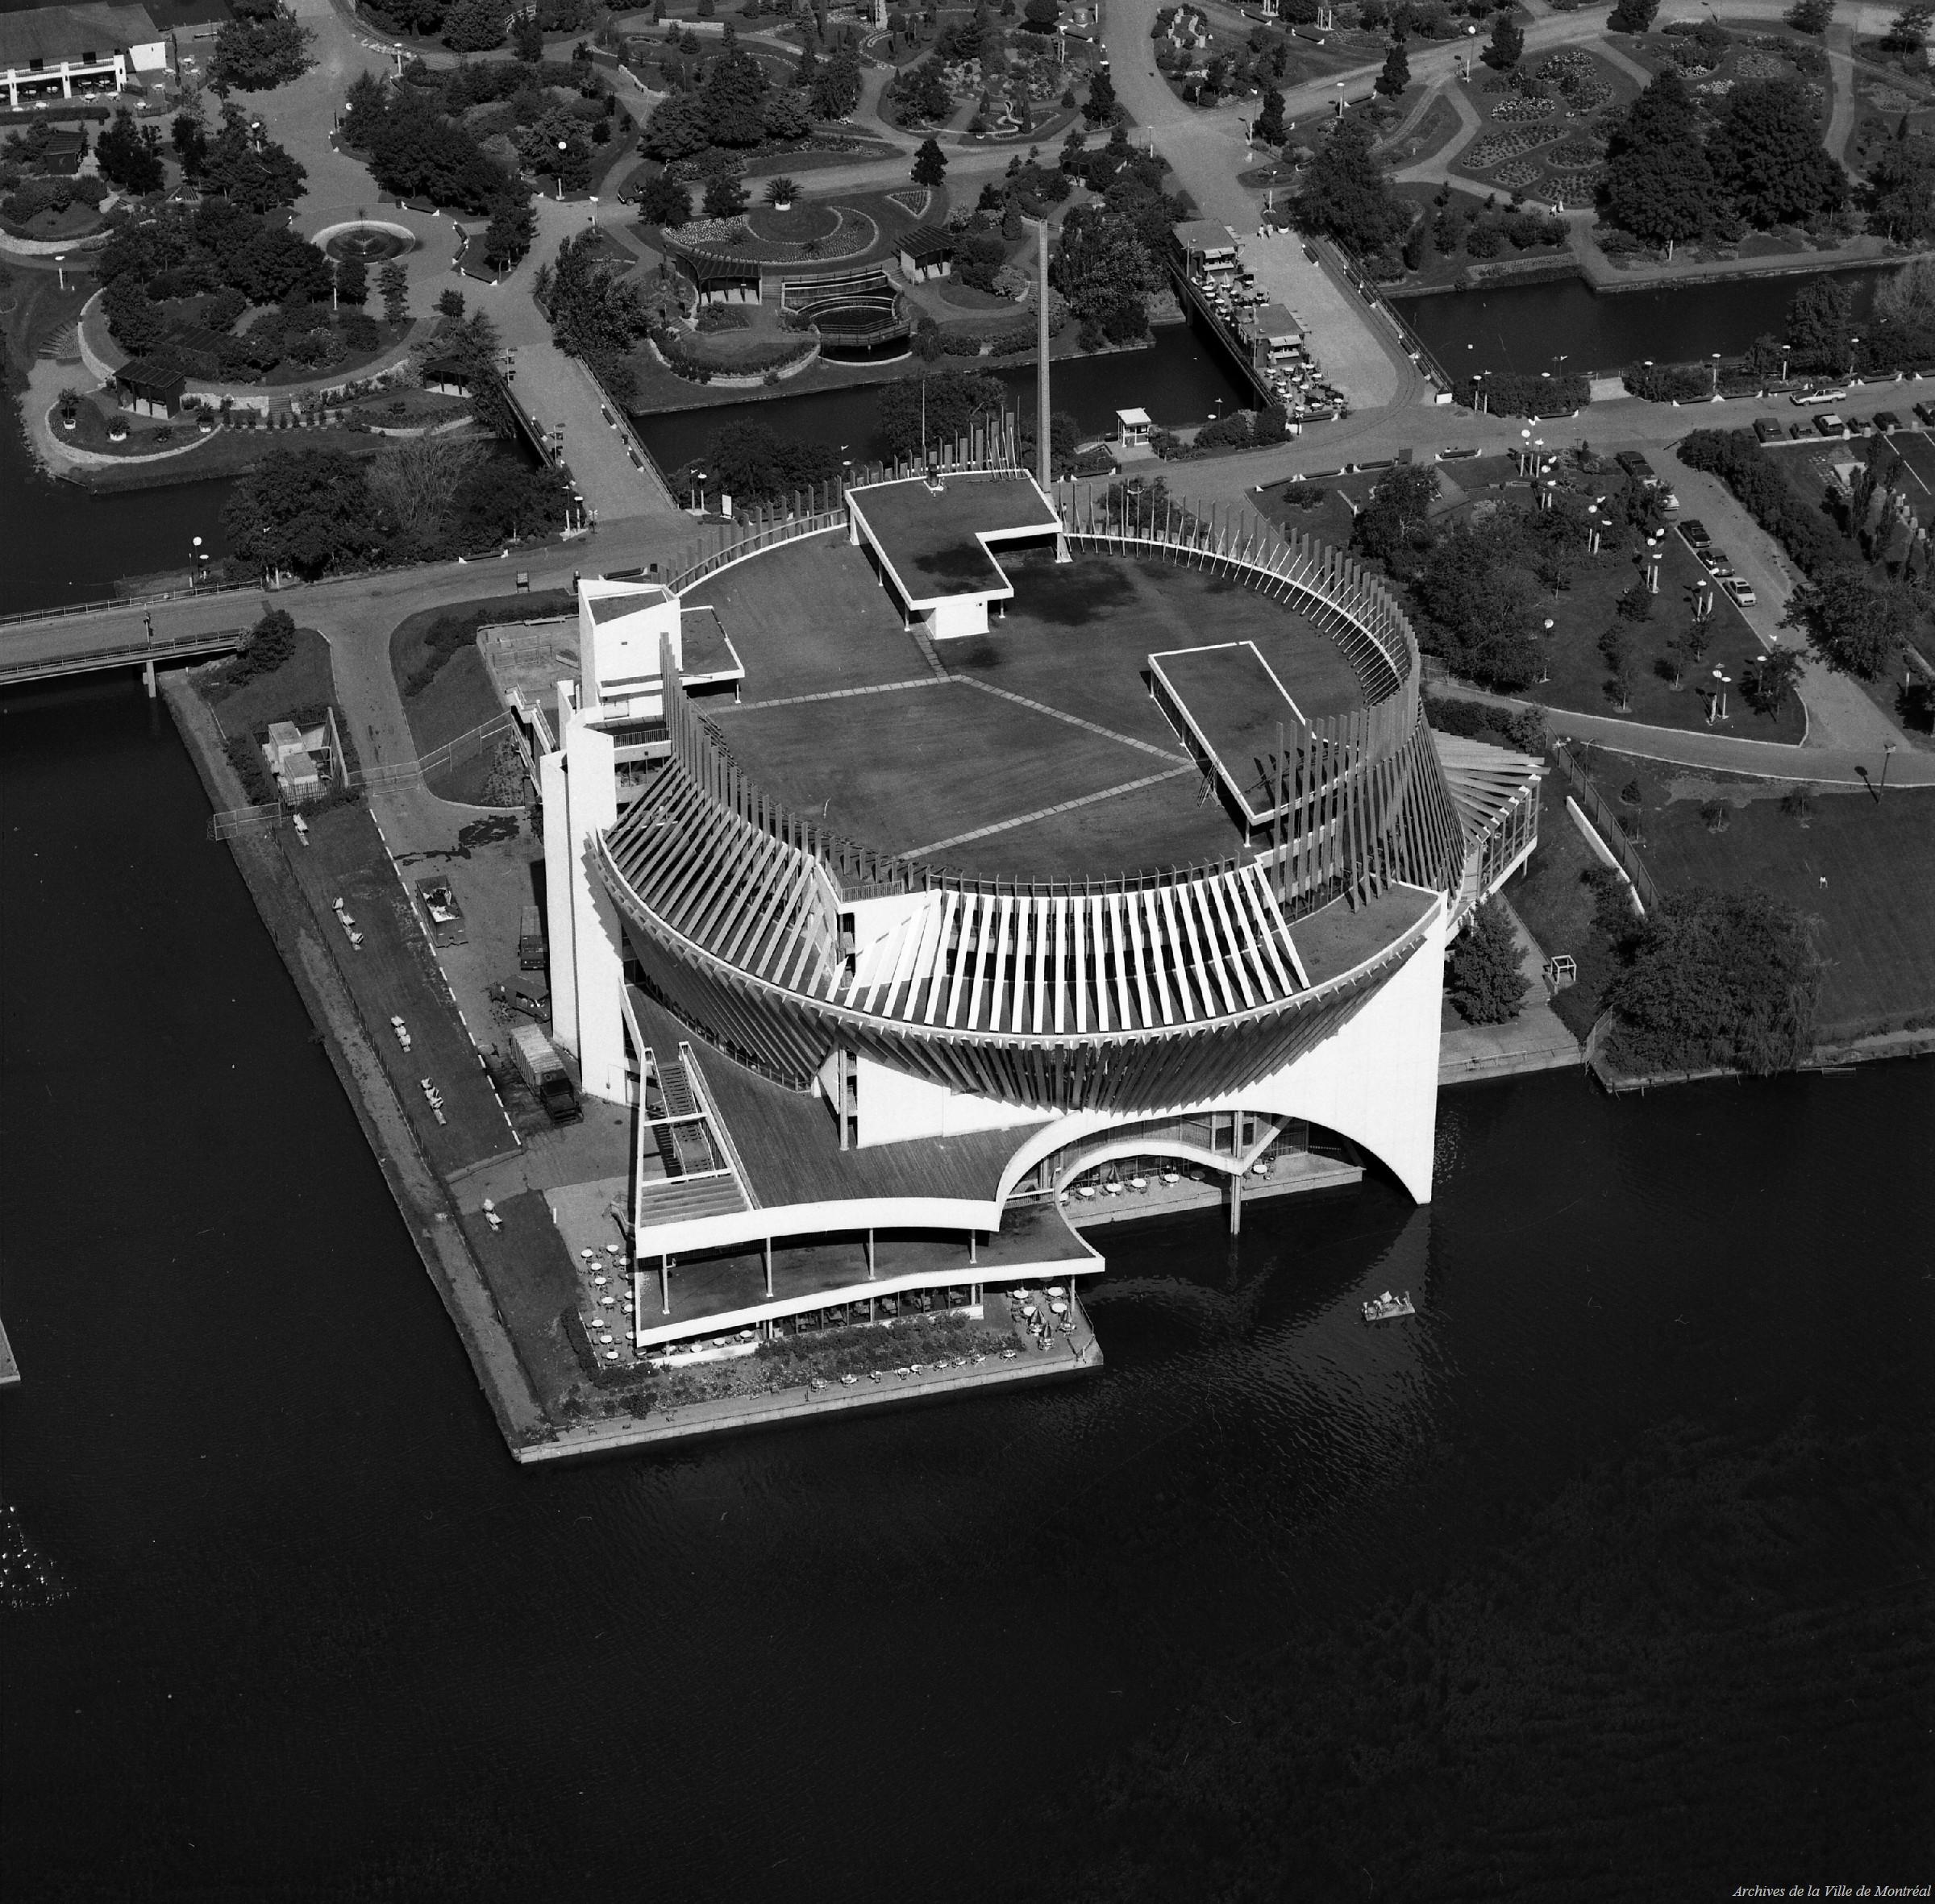 Palais de la civilisation, 12 juillet 1985, VM94-B260-002